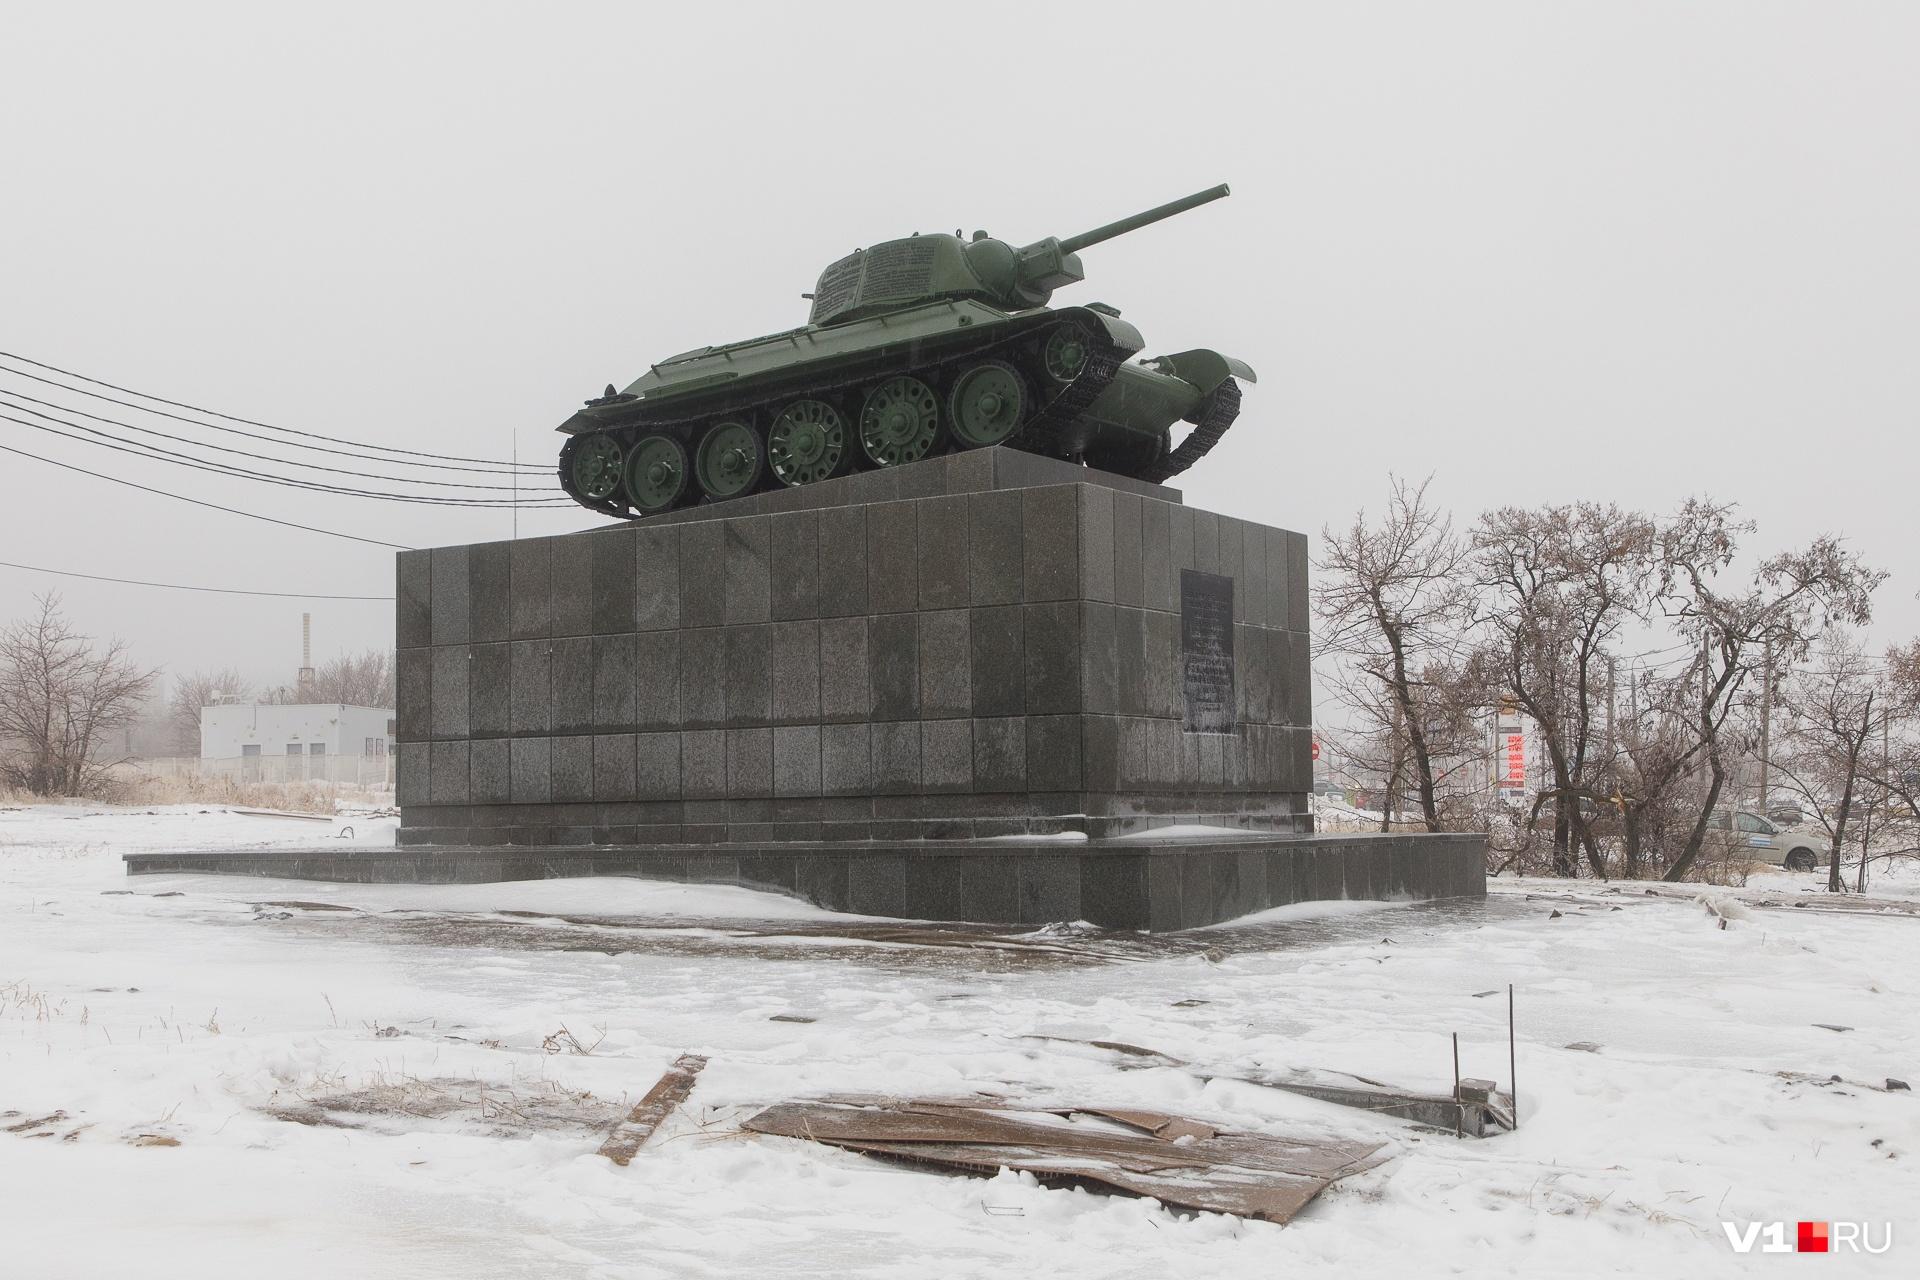 После реставрации танк «помолодел» на несколько десятков лет